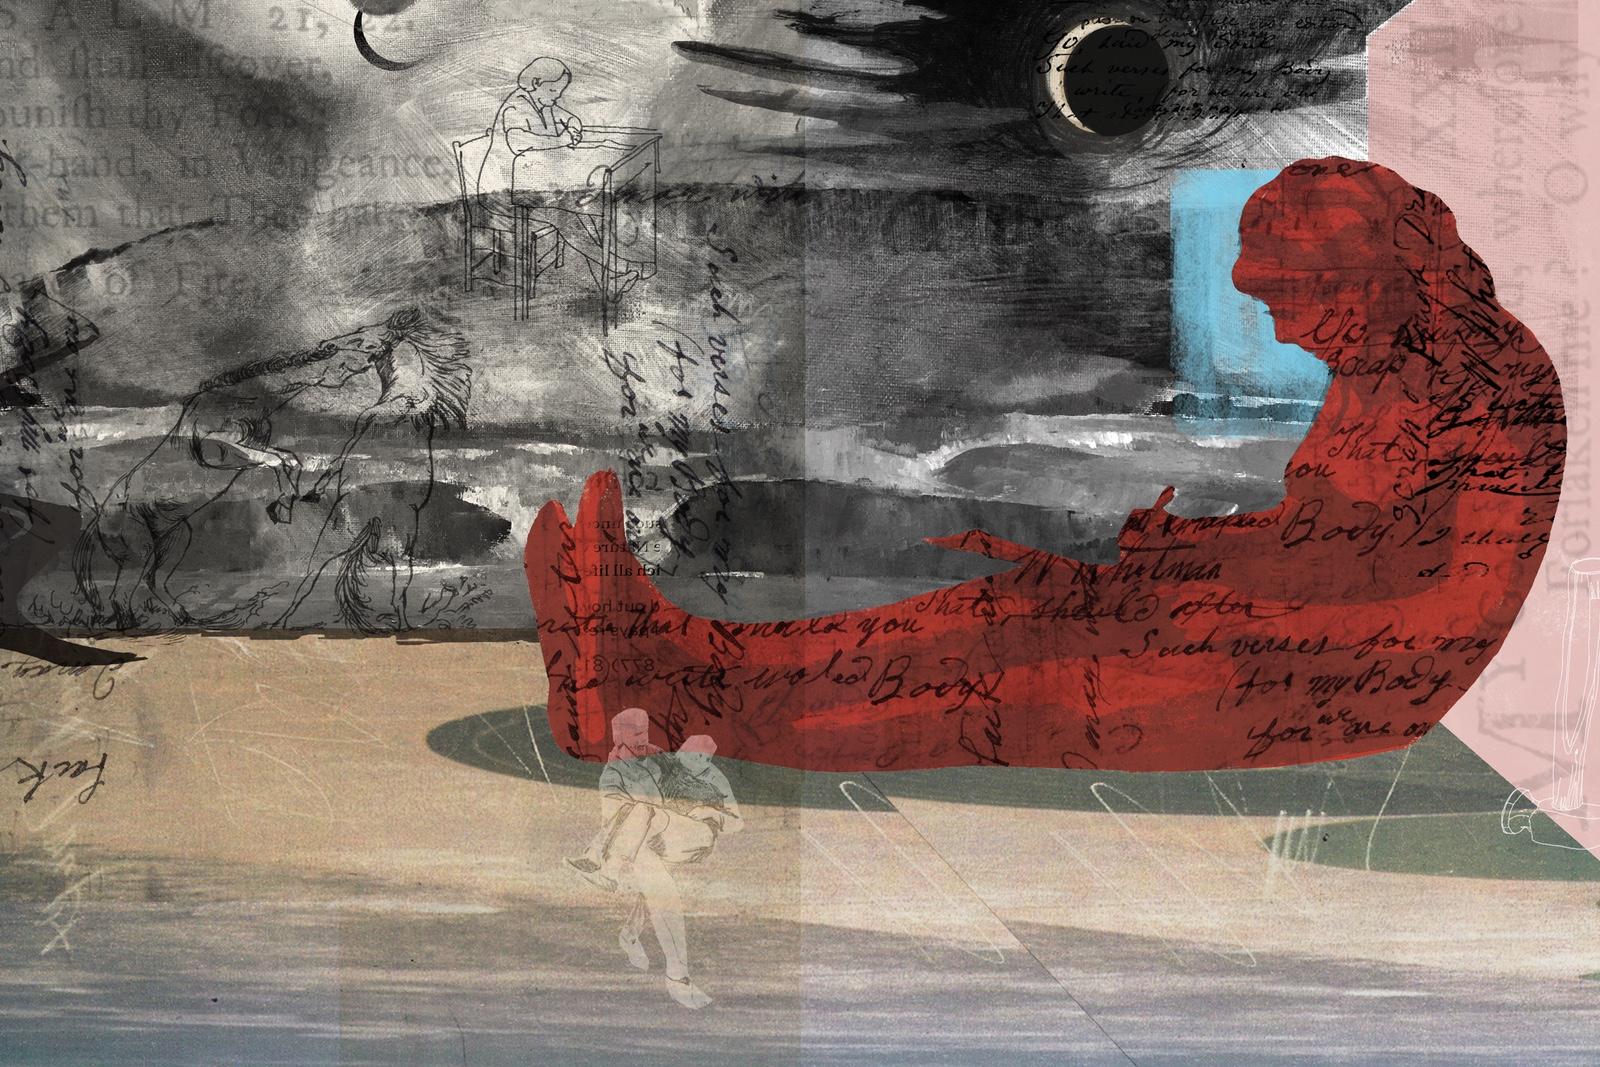 Denise Klitsie illustration of poetry